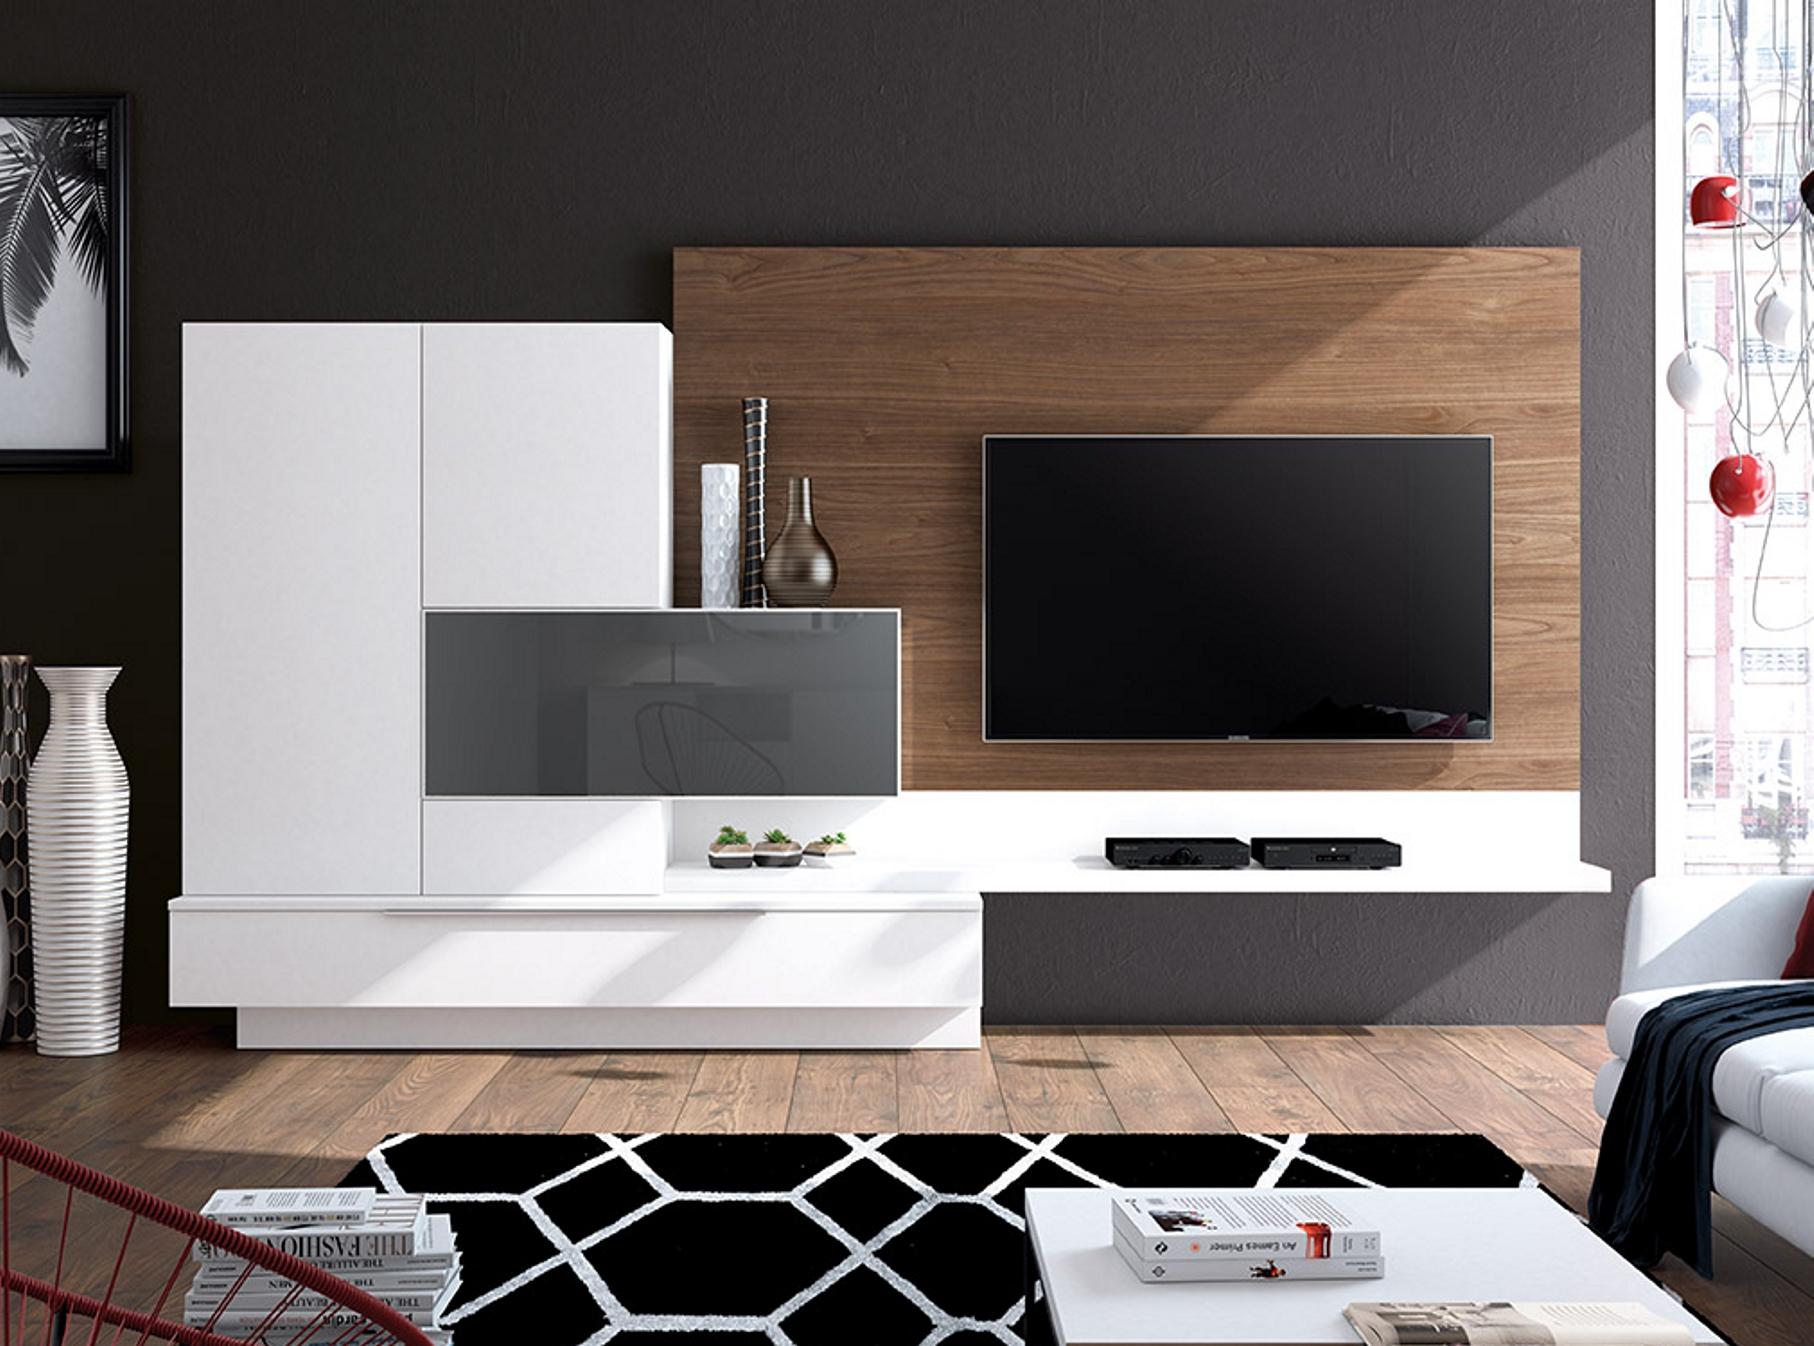 salon-moderno-Zion-3.0-muebles-paco-caballero-0907-5c8d32d90538b